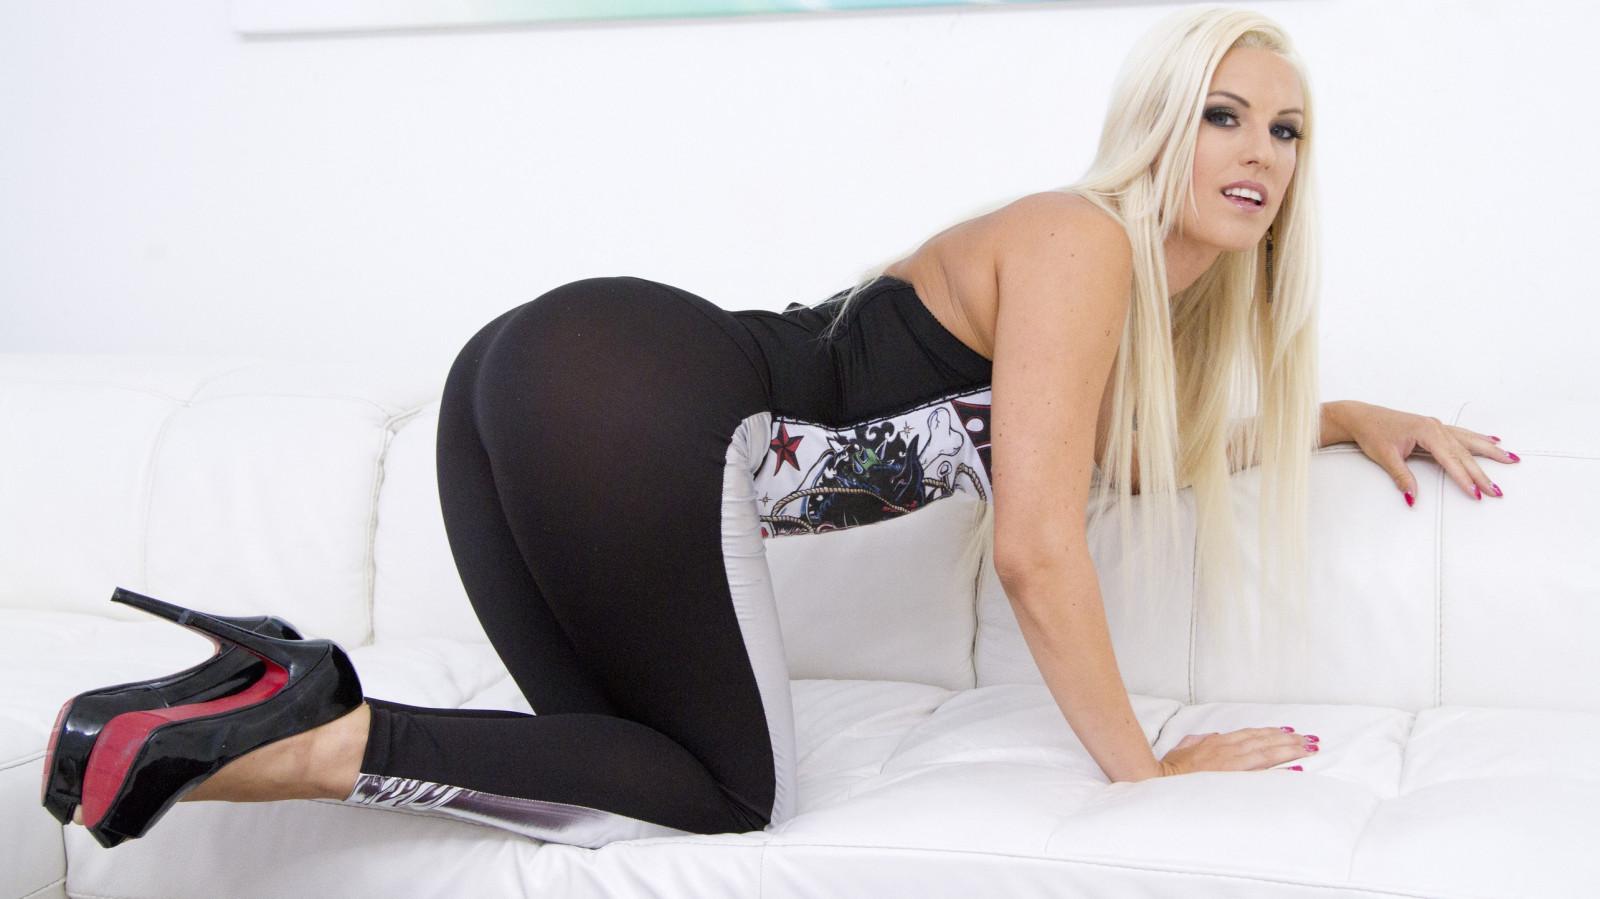 Вива стайл порно актриса